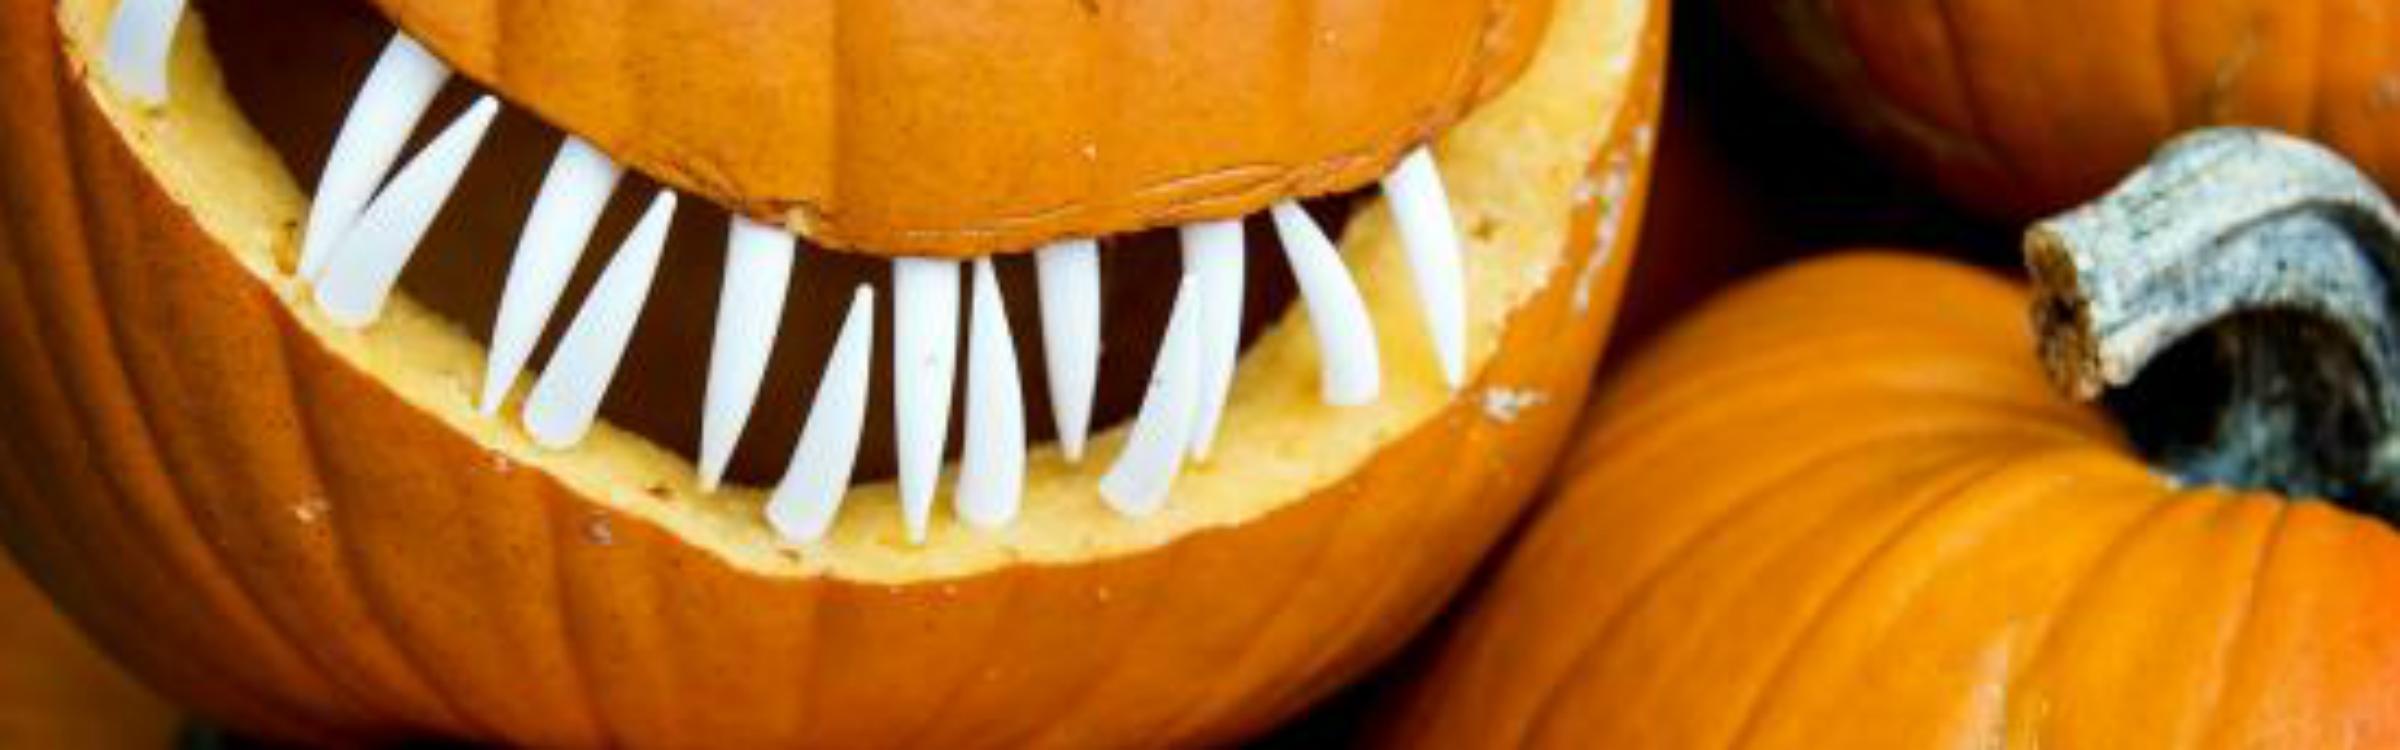 Halloween anp header